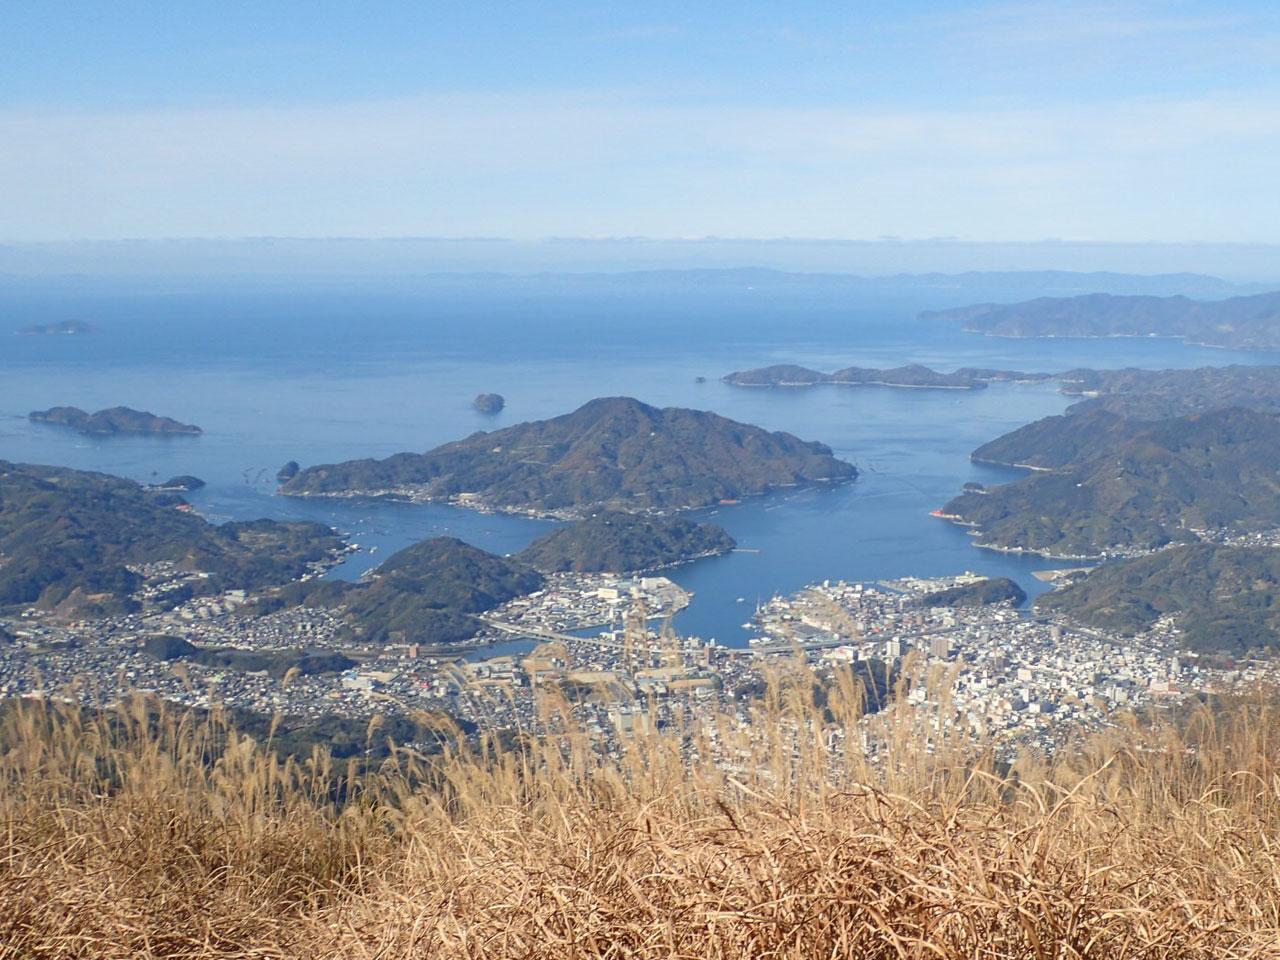 鬼ヶ城山の写真